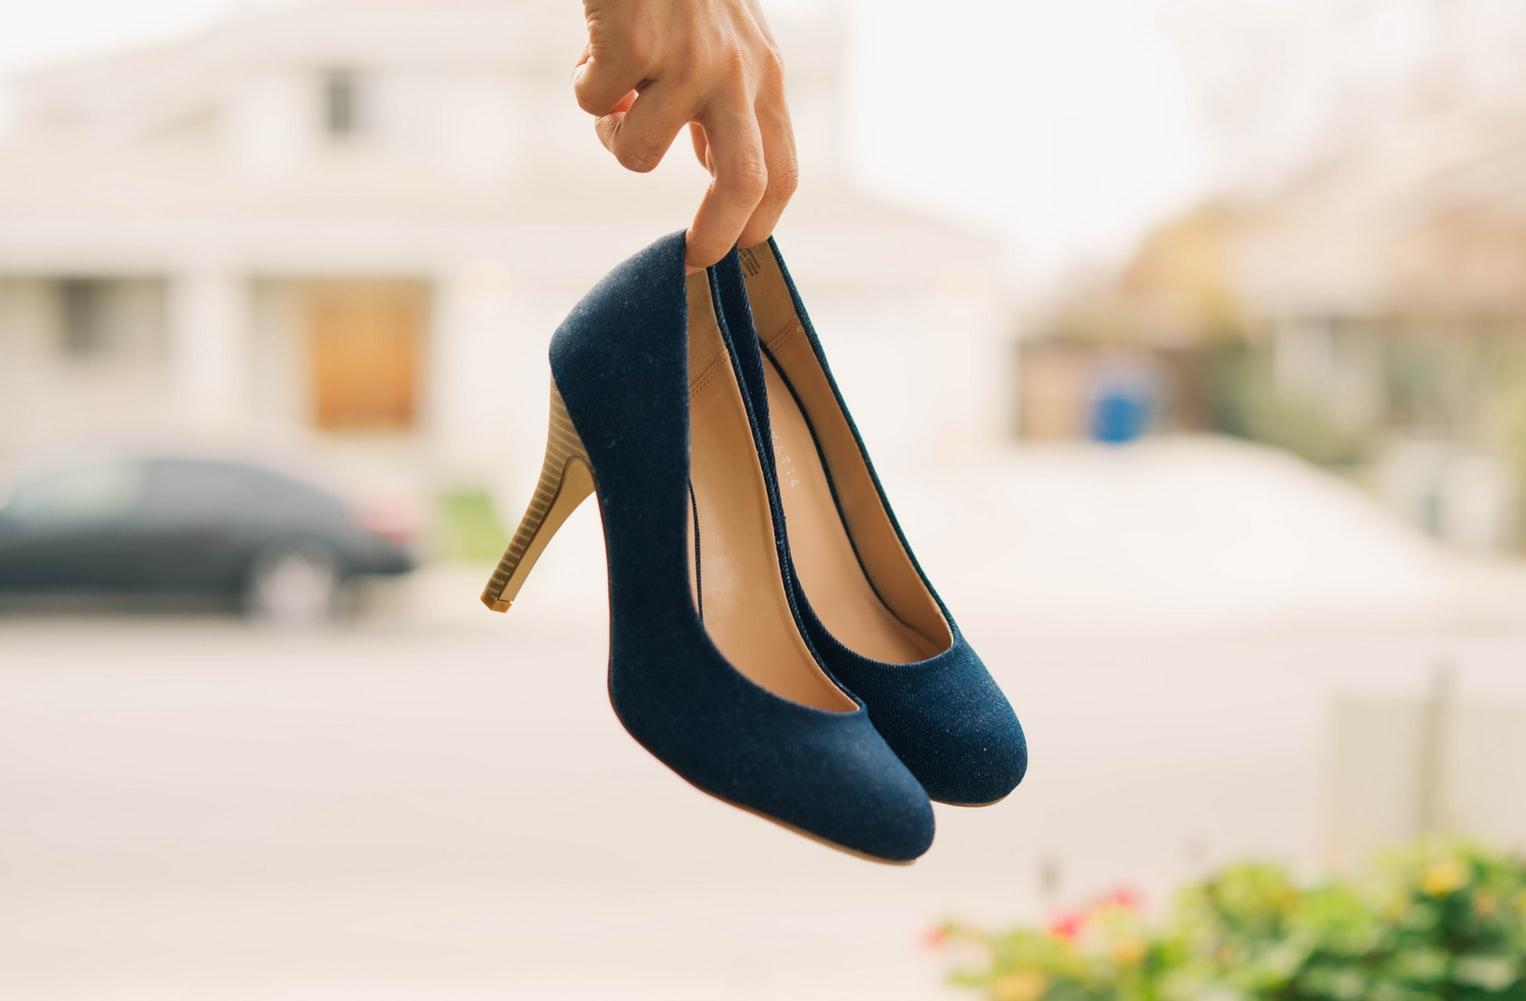 女性公務員の靴事情について